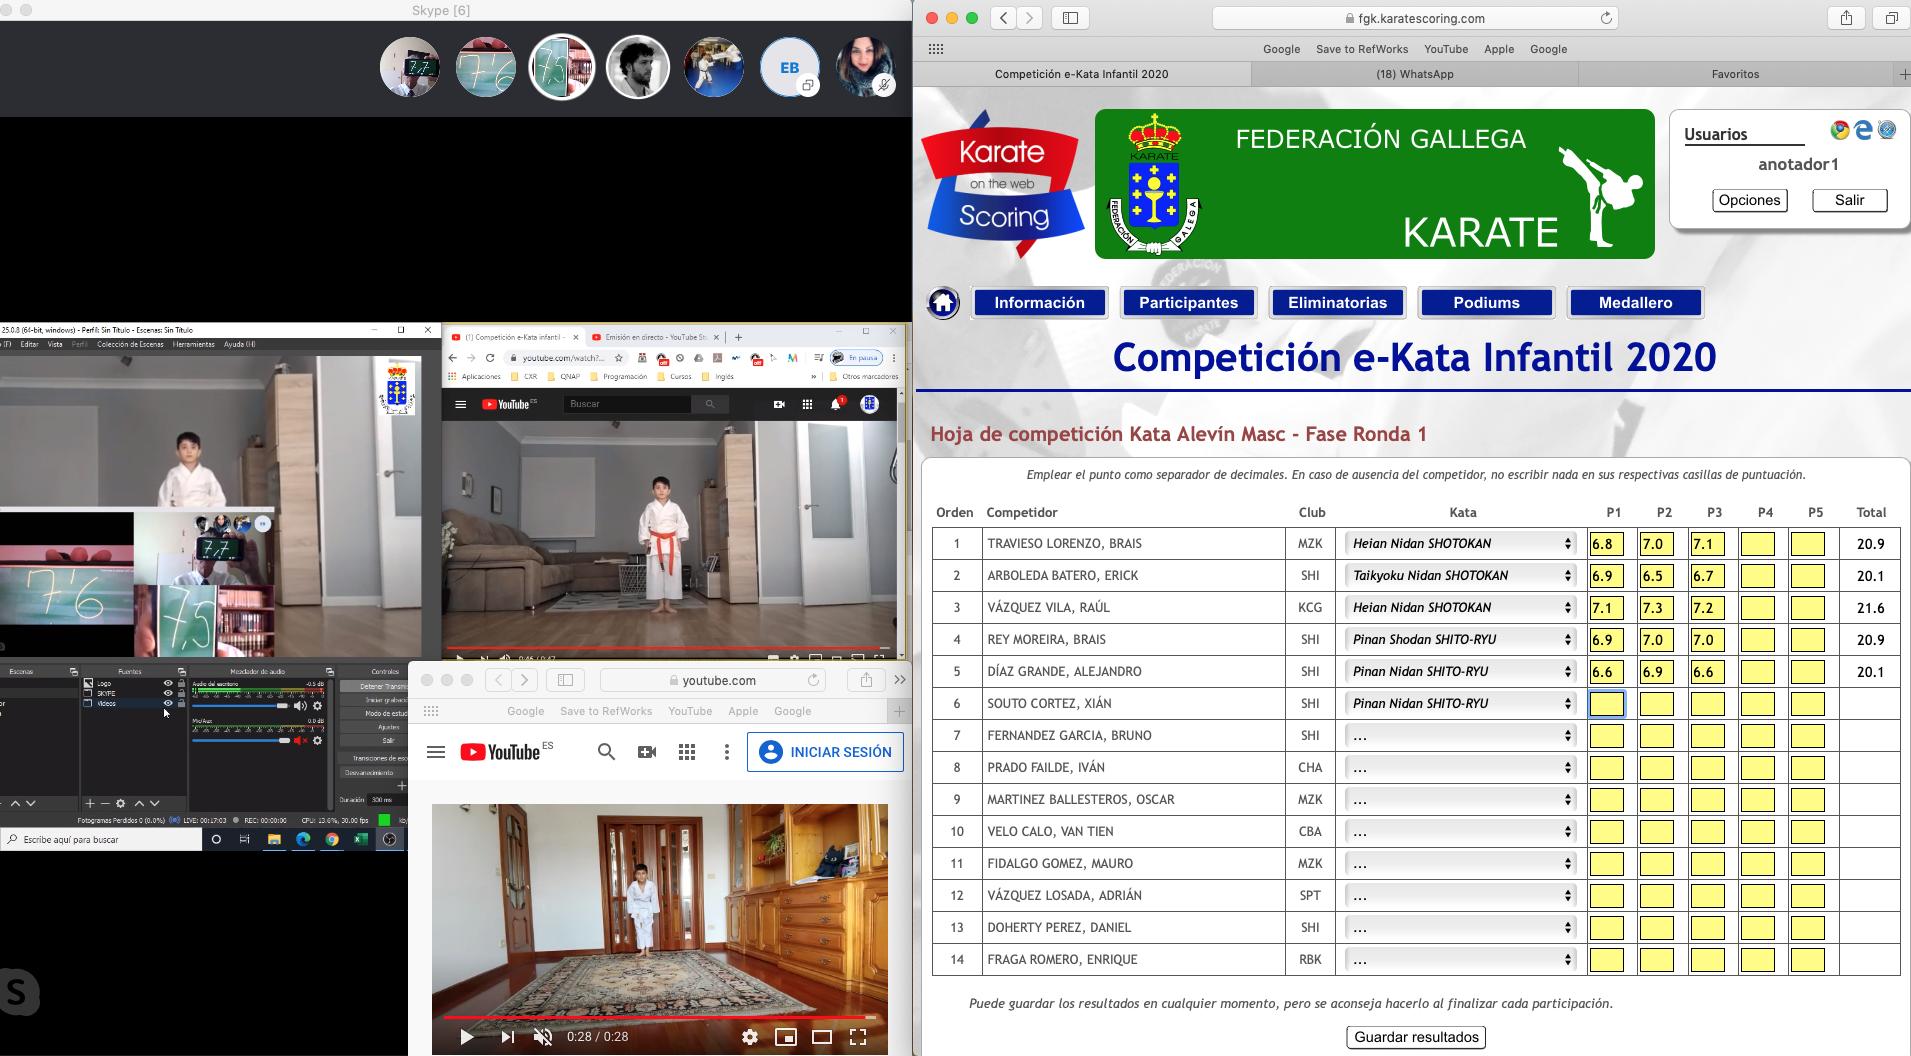 Captura de pantalla 2020-05-30 a las 16.14.42